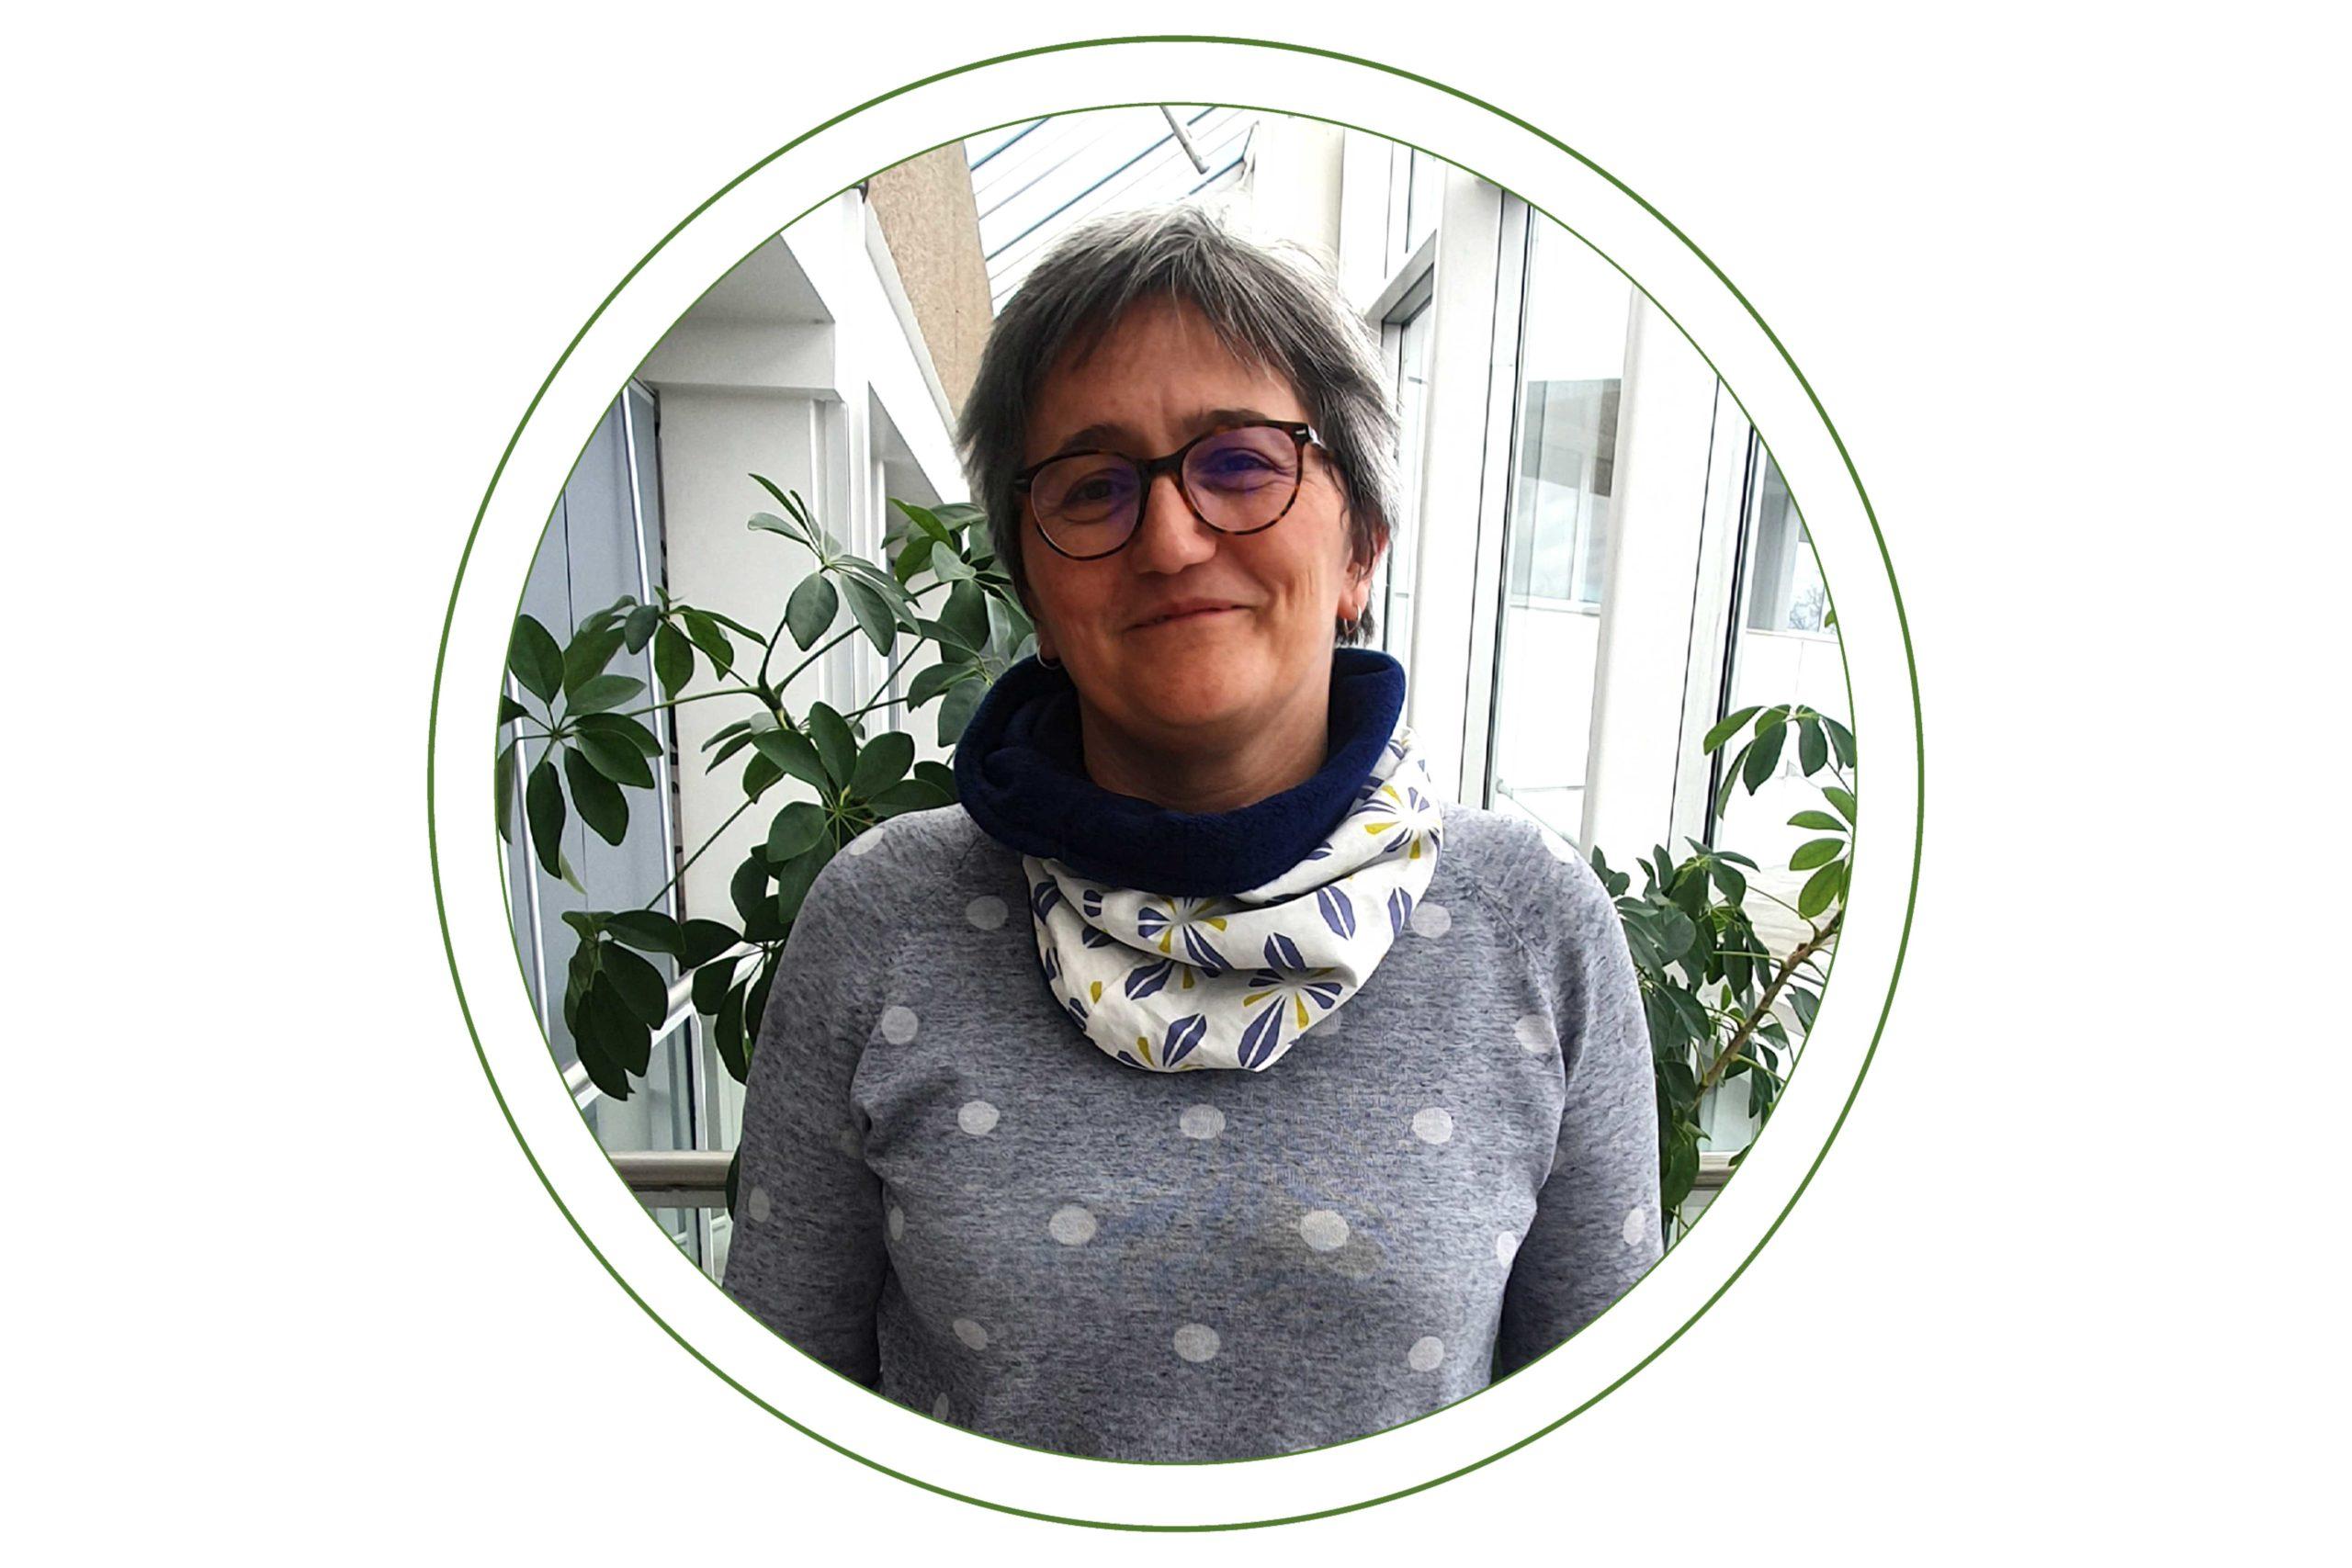 Témoignage d'Isabelle Boisdon, ingénieure de recherche en agronomie à VetAgro Sup